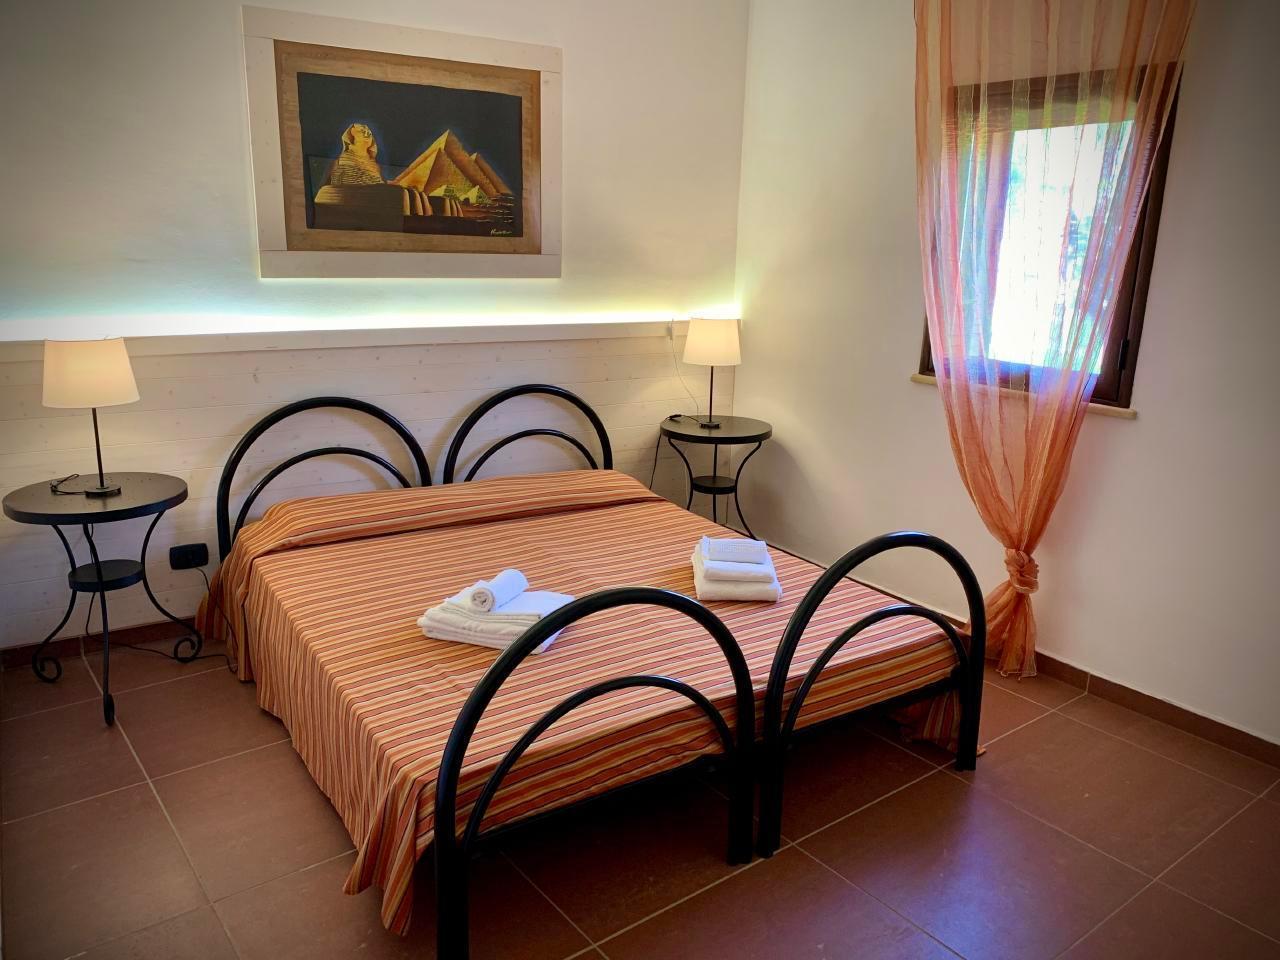 Ferienwohnung Ferienwohnungen (404150), Sciacca, Agrigento, Sizilien, Italien, Bild 25